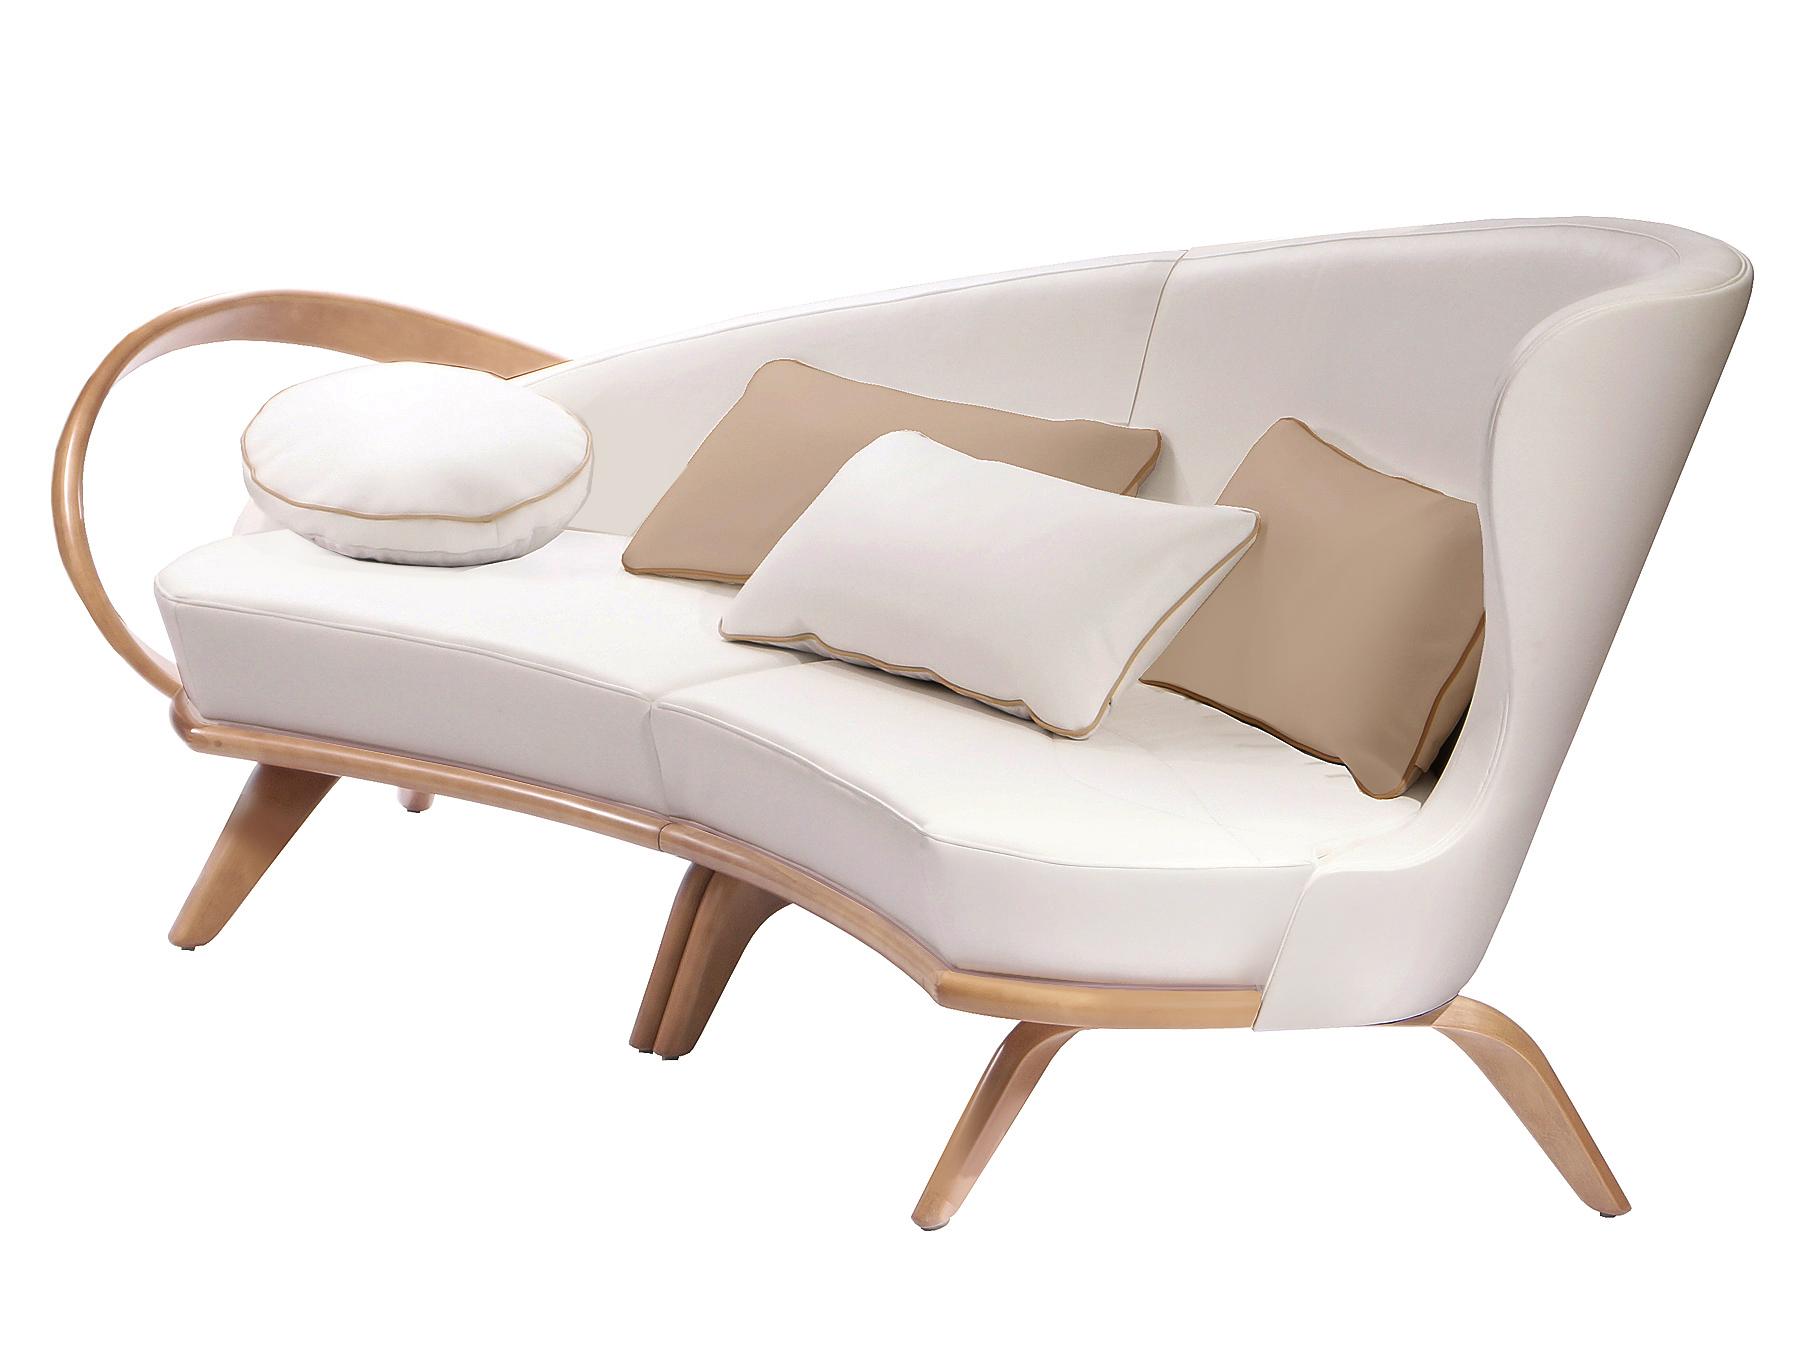 """Диван """"Apriori A""""Трехместные диваны<br>Радиусный диван из асимметричной коллекции ,хорошо сочетается с асимметричным столом журнальным """"brazo"""" . модификации дивана могут быть разных размеров.&amp;lt;div&amp;gt;&amp;lt;span style=&amp;quot;font-size: 14px;&amp;quot;&amp;gt;&amp;lt;br&amp;gt;&amp;lt;/span&amp;gt;&amp;lt;/div&amp;gt;&amp;lt;div&amp;gt;&amp;lt;span style=&amp;quot;font-size: 14px;&amp;quot;&amp;gt;Материал<br>Натуральное дерево/61тон береза выбеленная с эффектом&amp;amp;nbsp;&amp;lt;/span&amp;gt;&amp;lt;div&amp;gt;&amp;lt;div&amp;gt;Обивка <br>Экокожа наппа белая&amp;lt;/div&amp;gt;&amp;lt;/div&amp;gt;&amp;lt;/div&amp;gt;<br><br>Material: Кожа<br>Length см: None<br>Width см: 260<br>Depth см: 105<br>Height см: 95"""